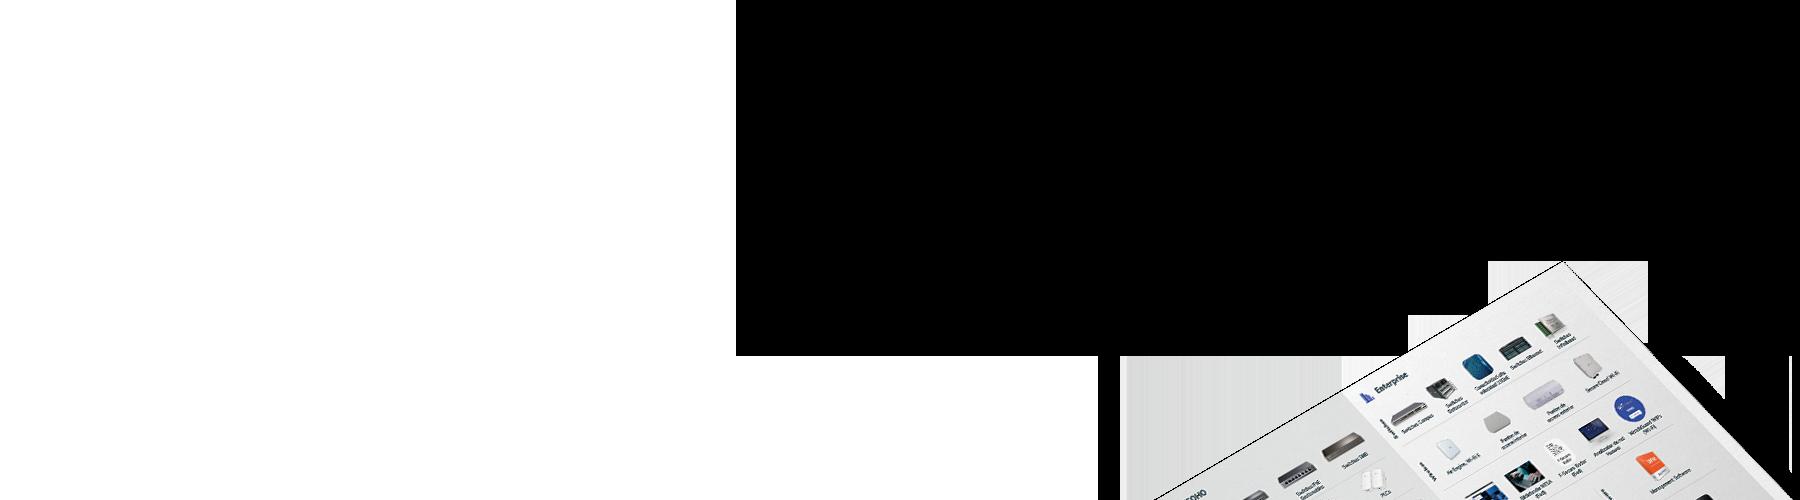 datasheet-banner-3